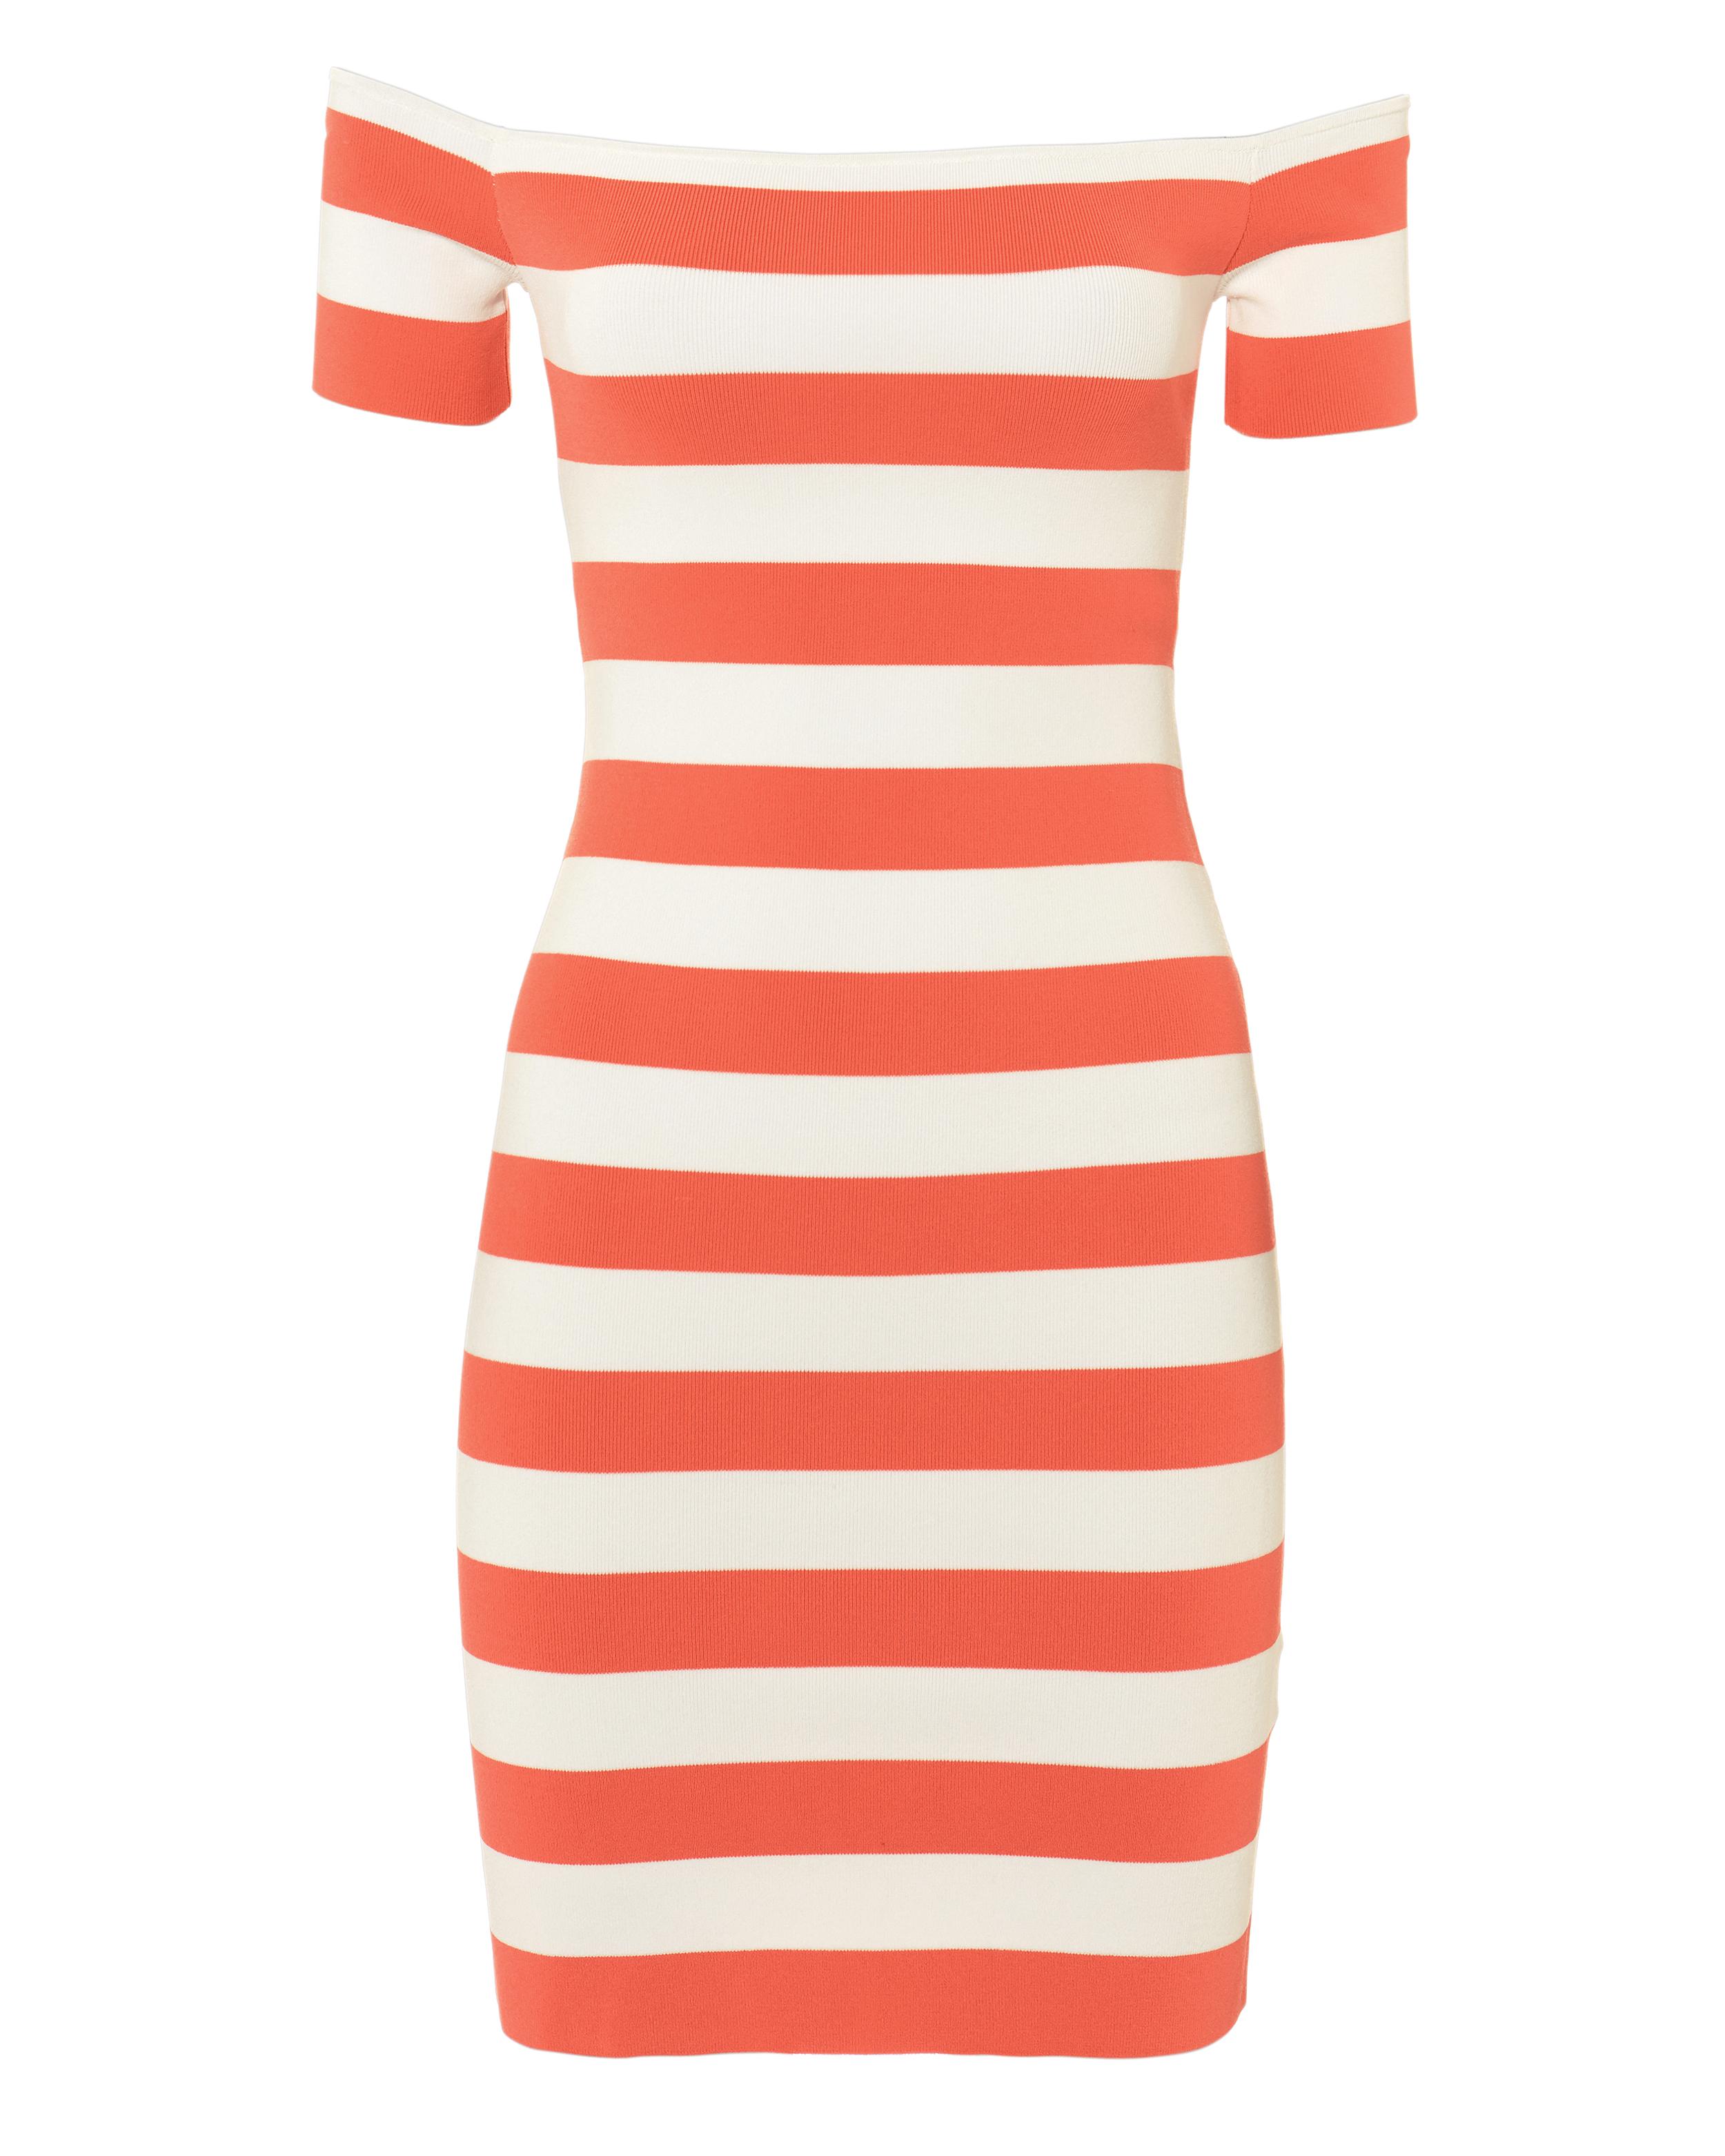 TORN Eviva Striped Dress